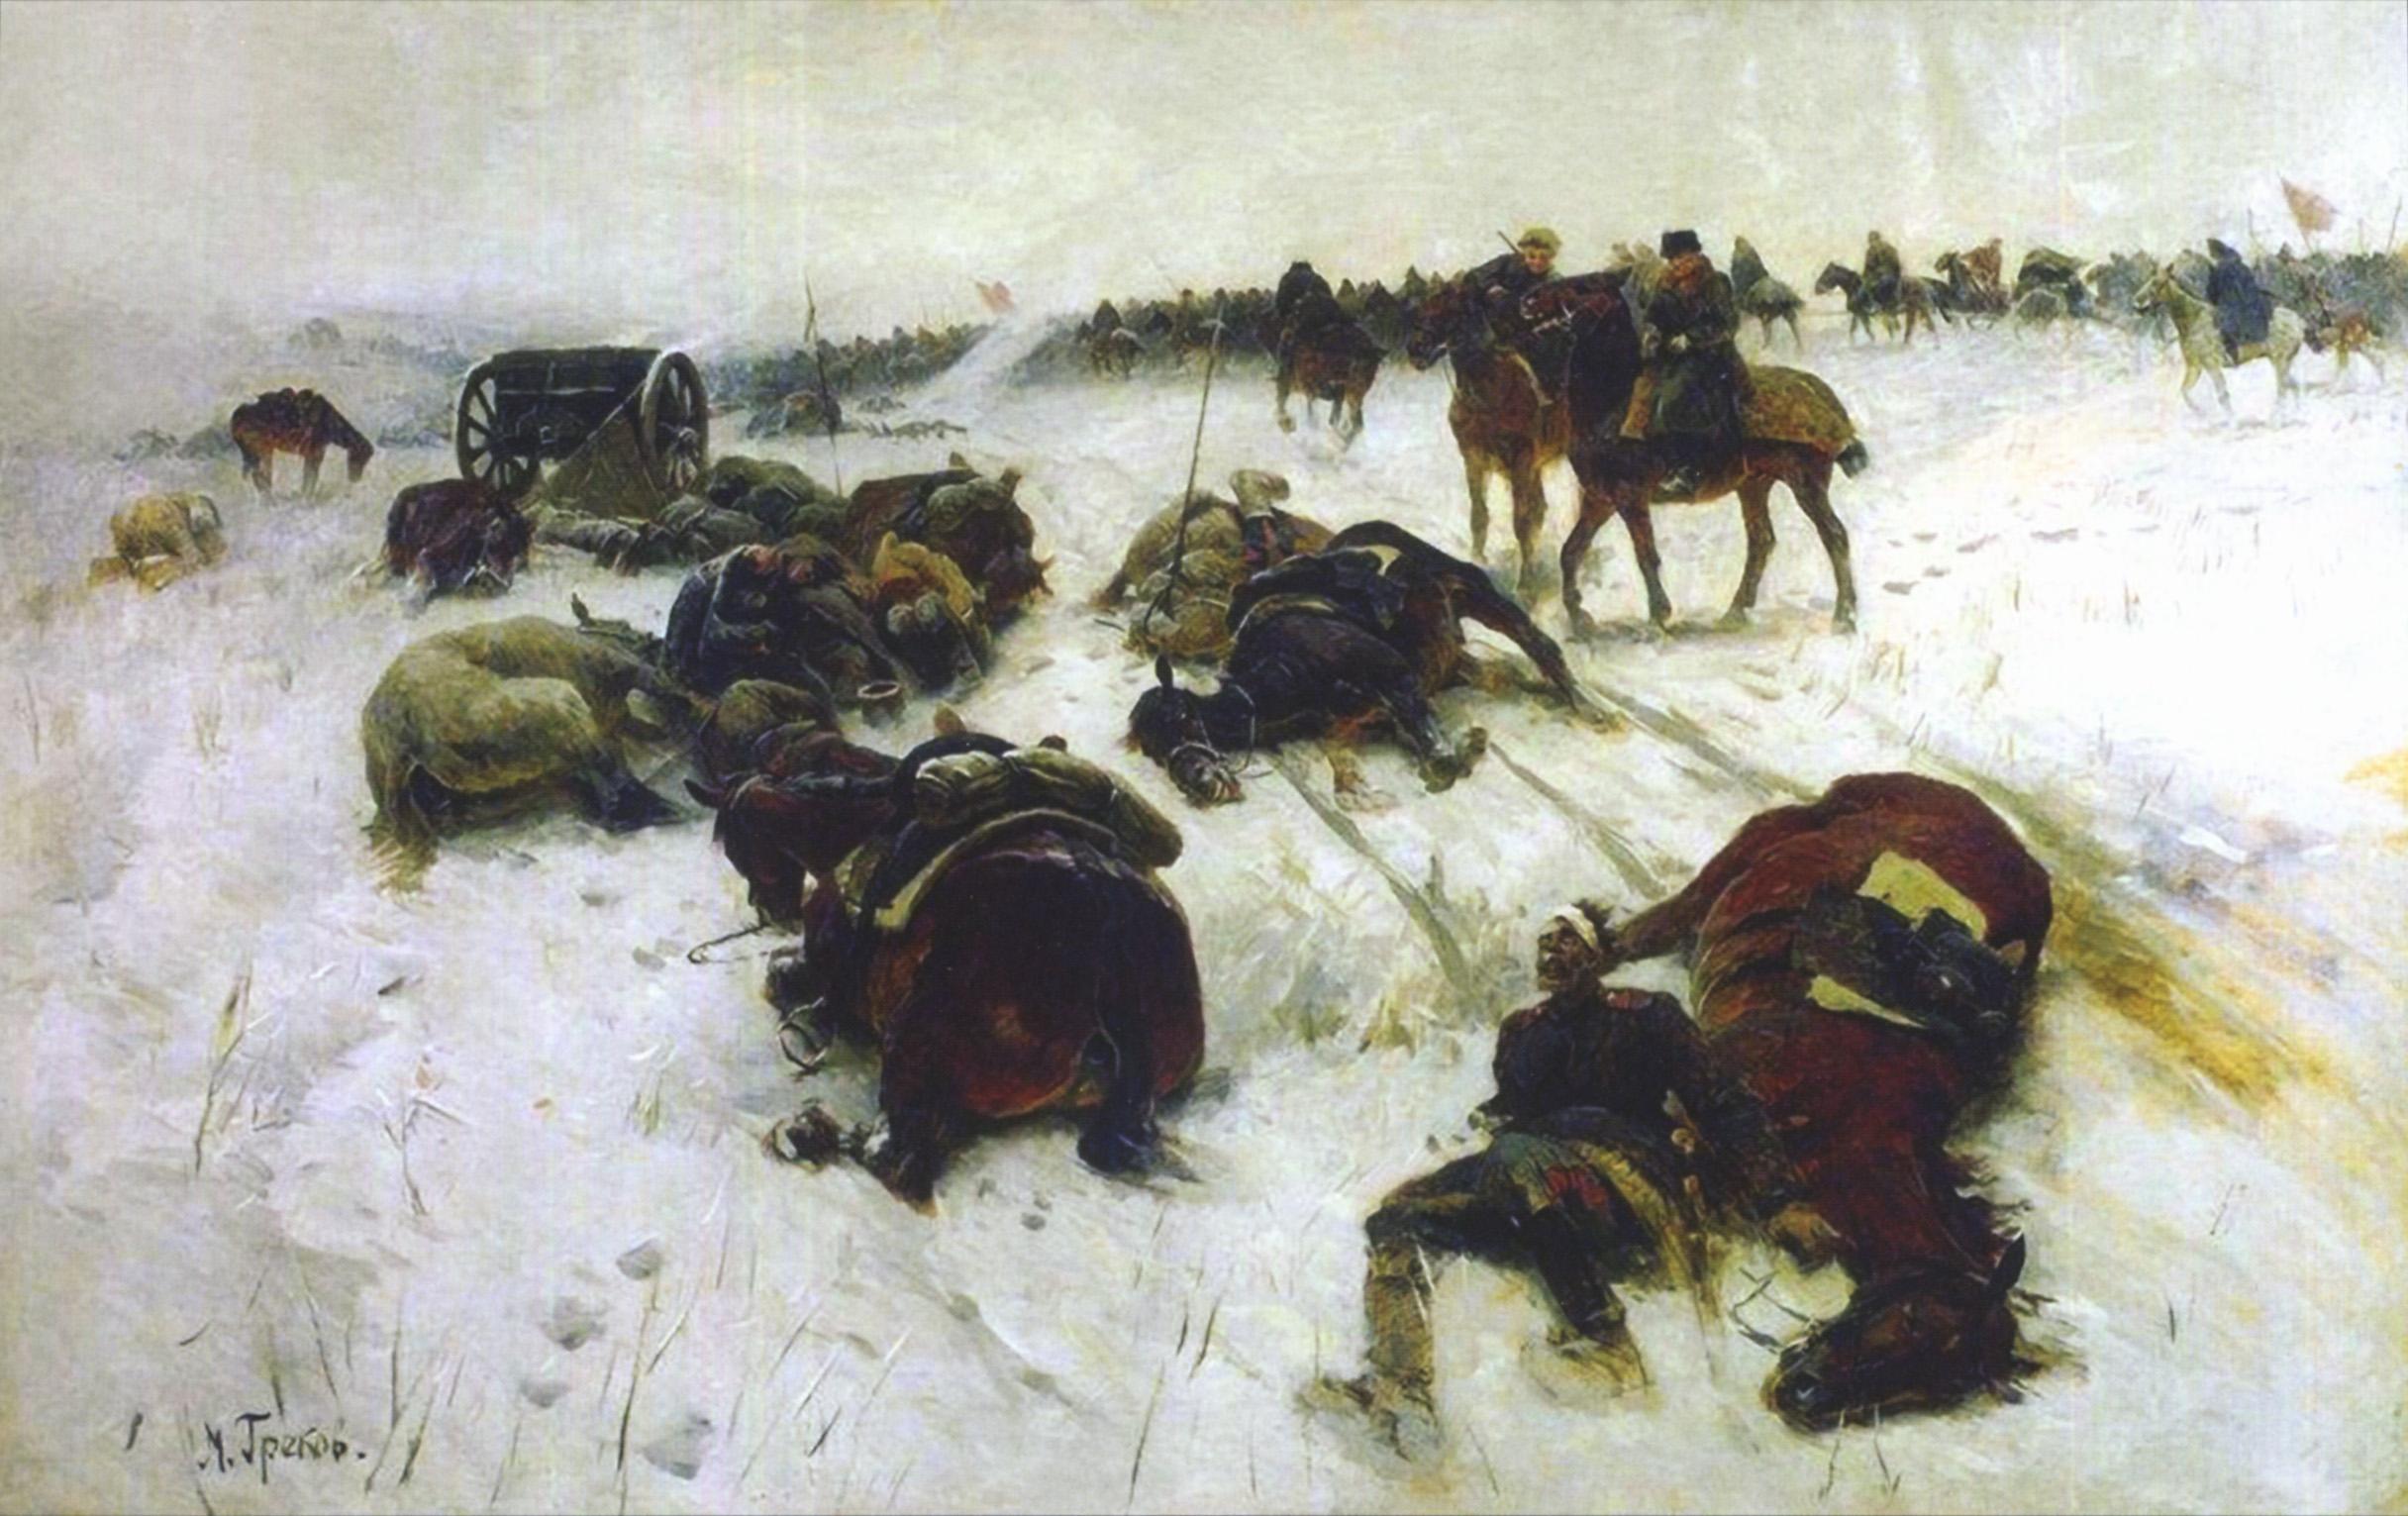 Греков М. Б. Замерзшие казаки генерала Павлова (1927 г.)